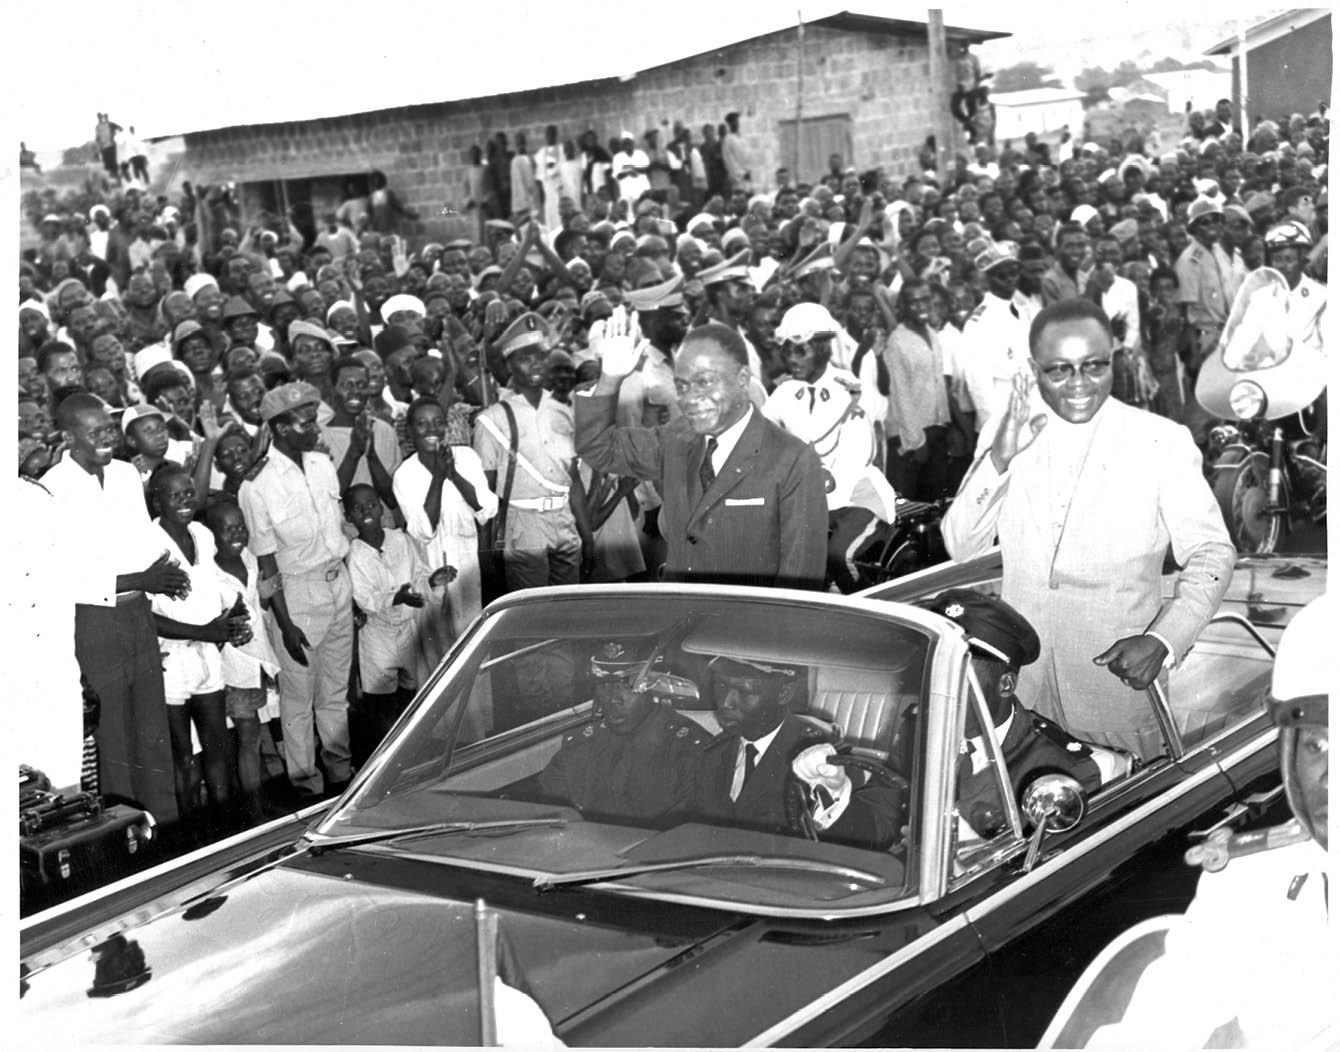 houphouet boigny et la crise ivoirienne